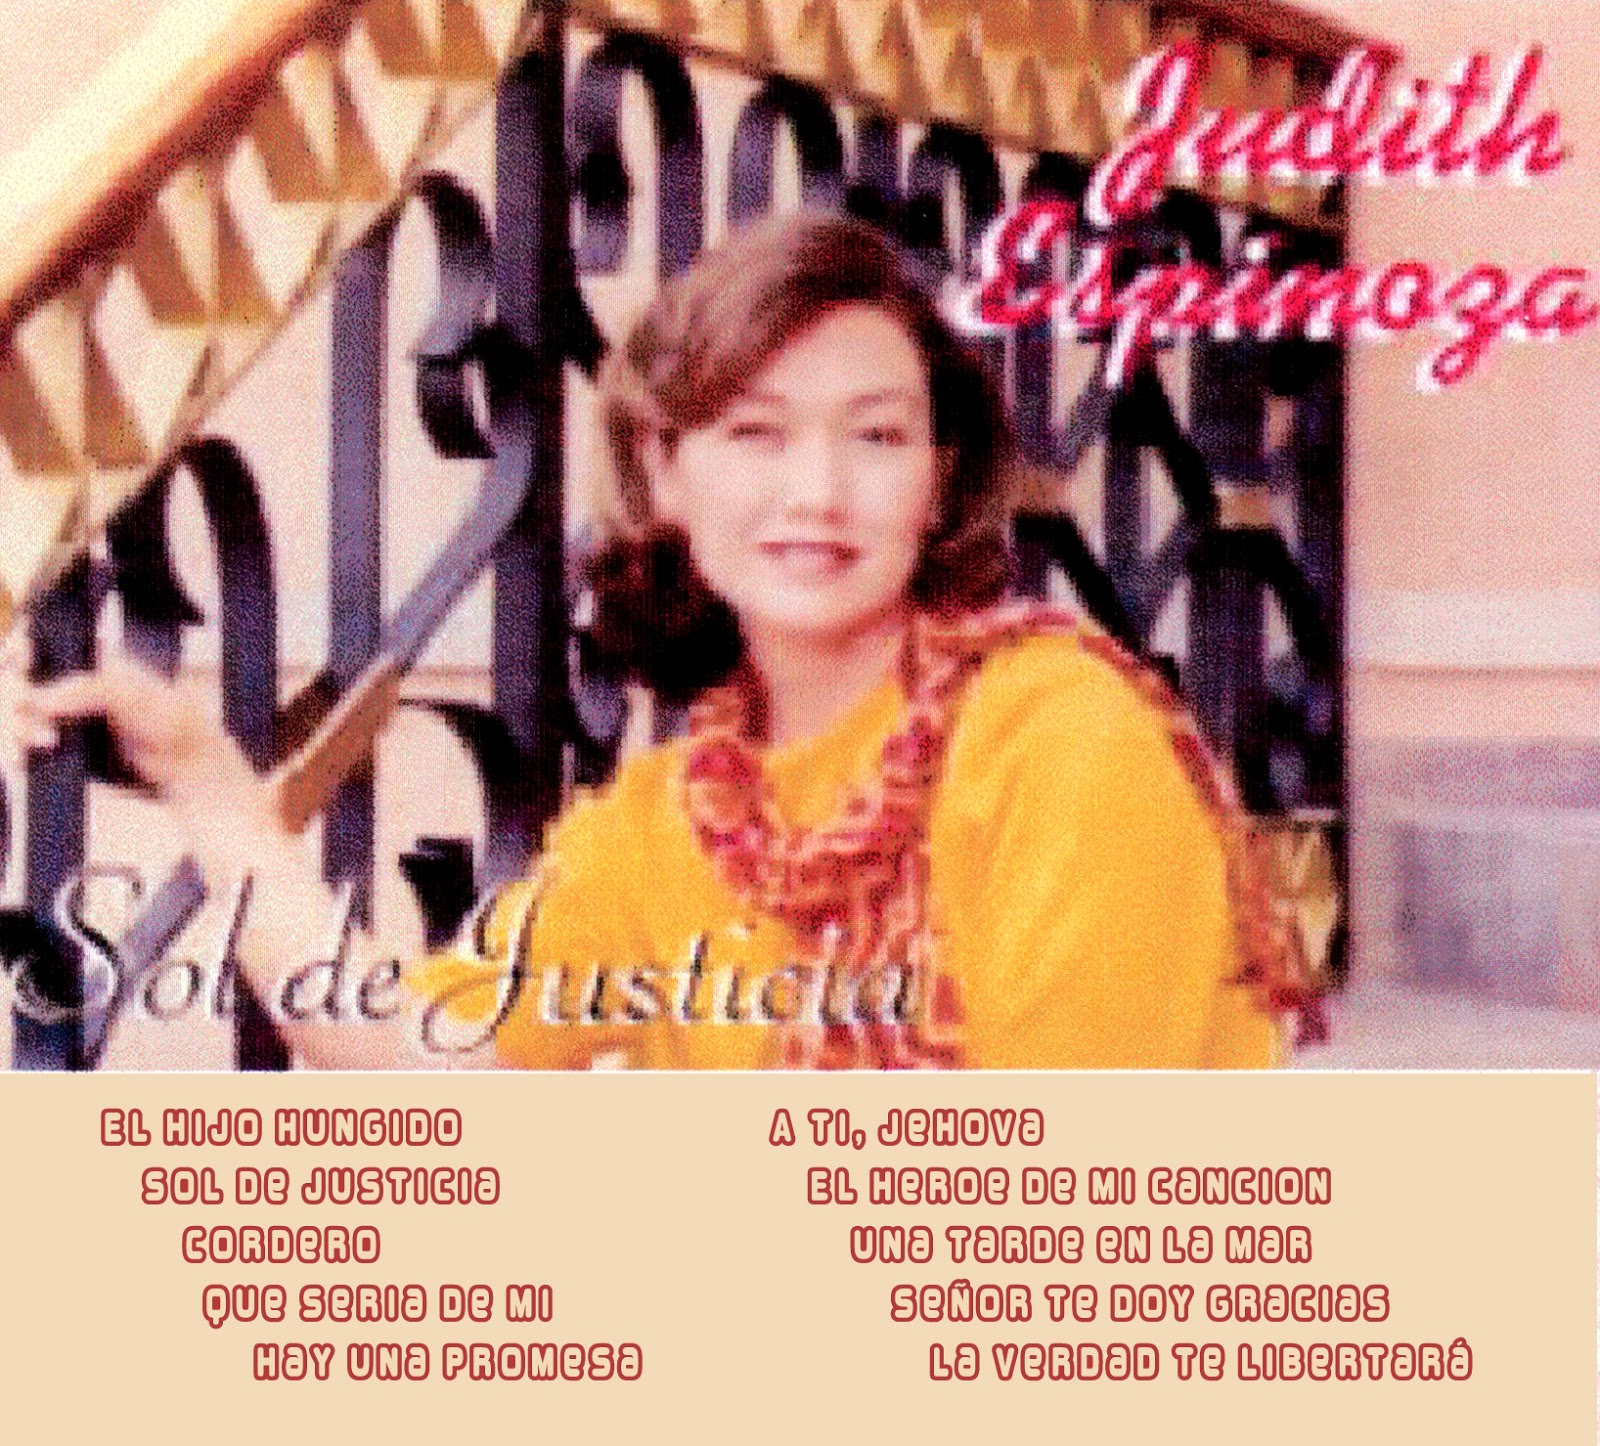 Judith Espinoza-Sol De Justicia-